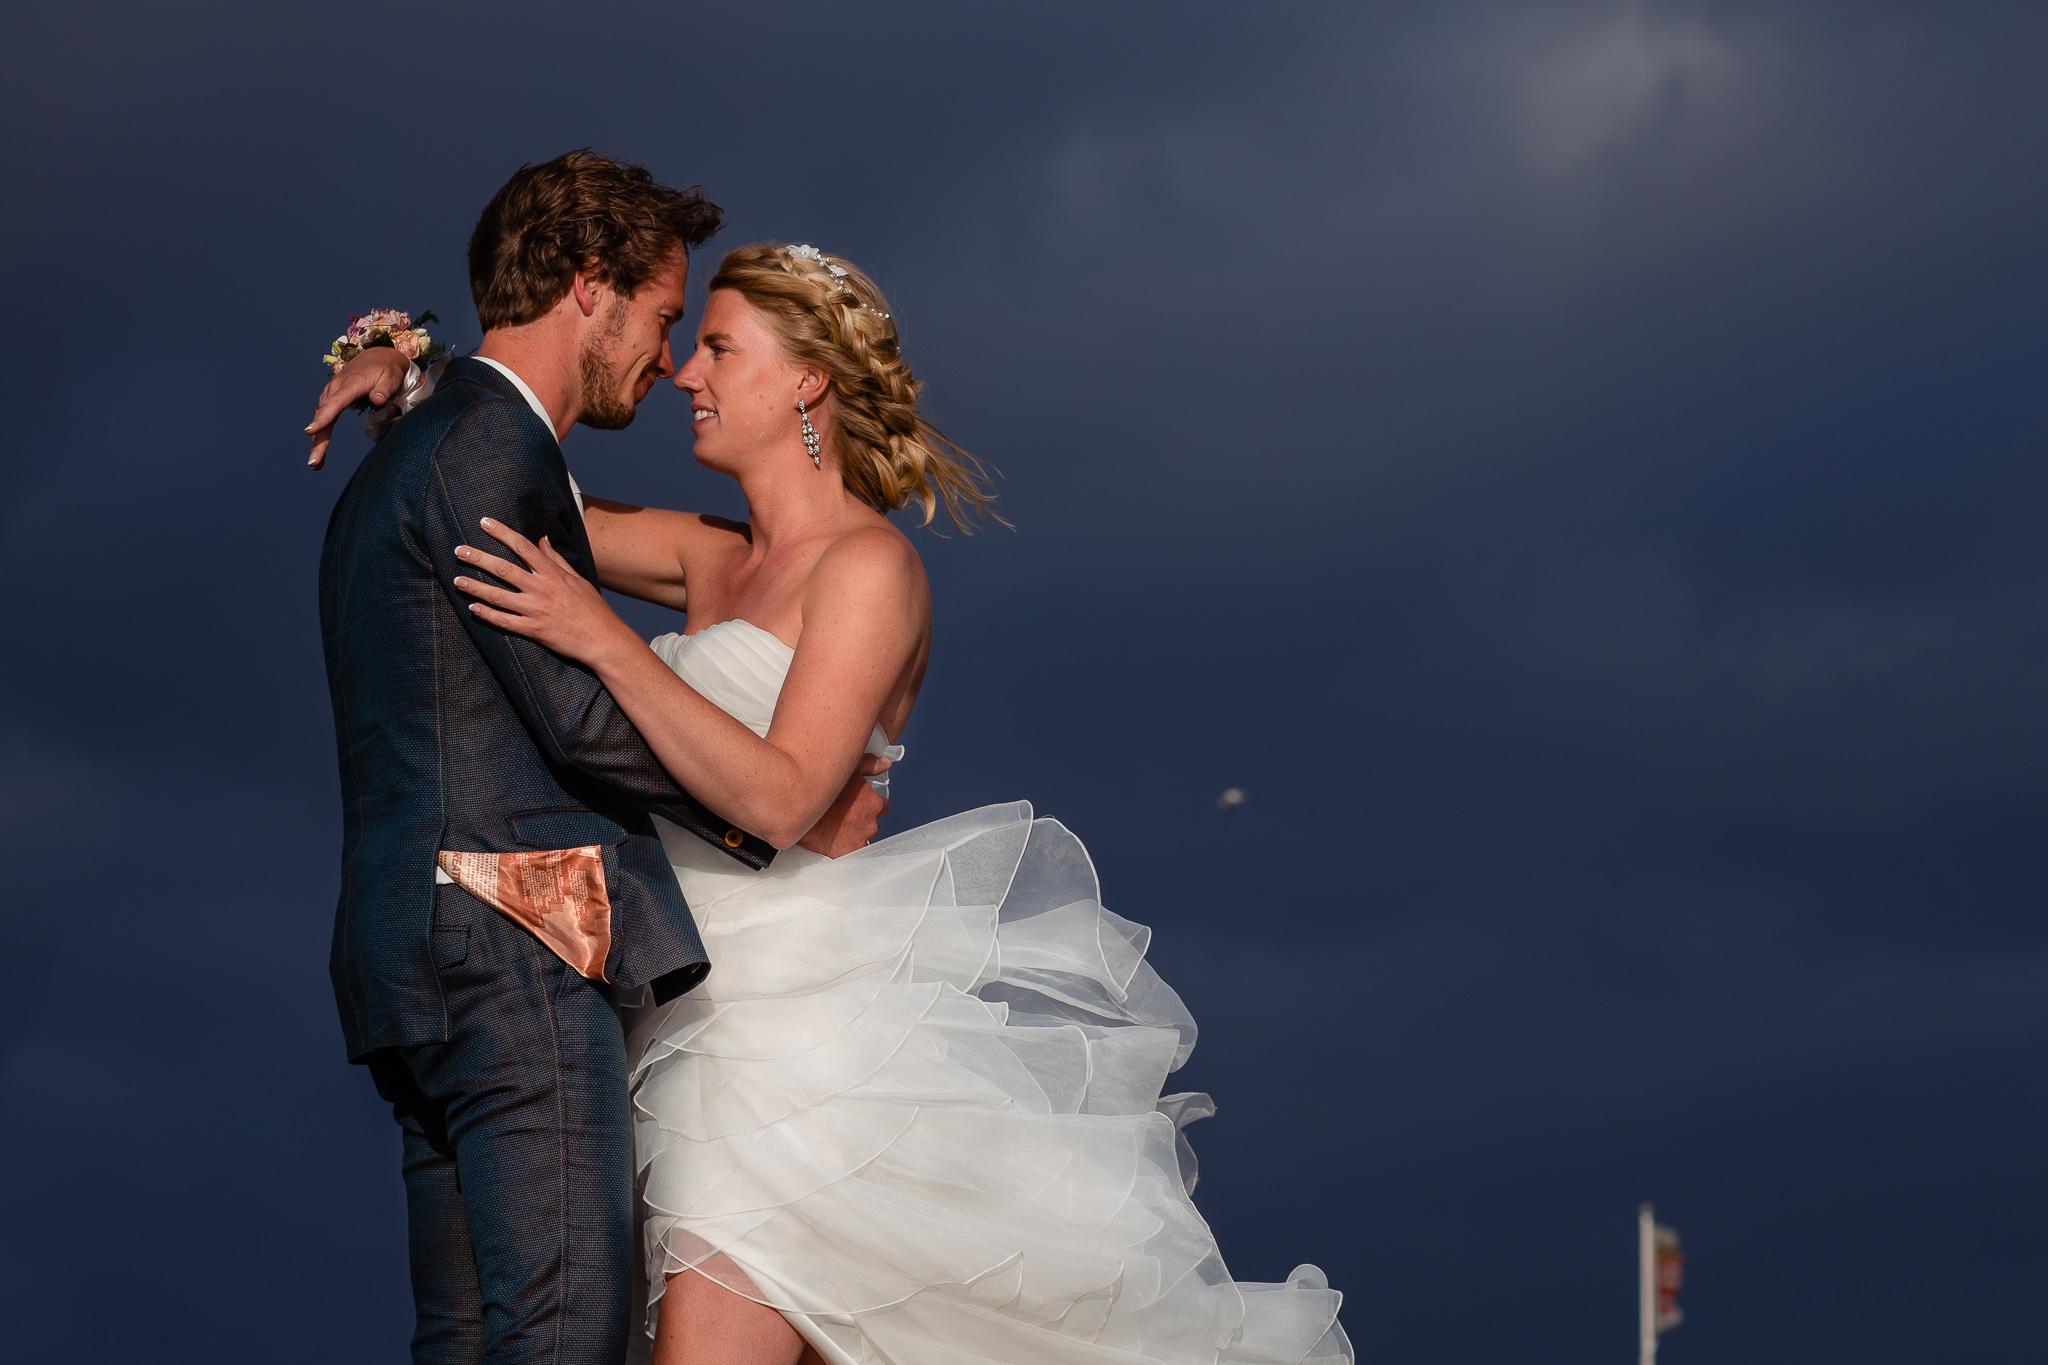 Bruidspaar tijdens de zonsondergang met dreigende lucht op de achtergrond